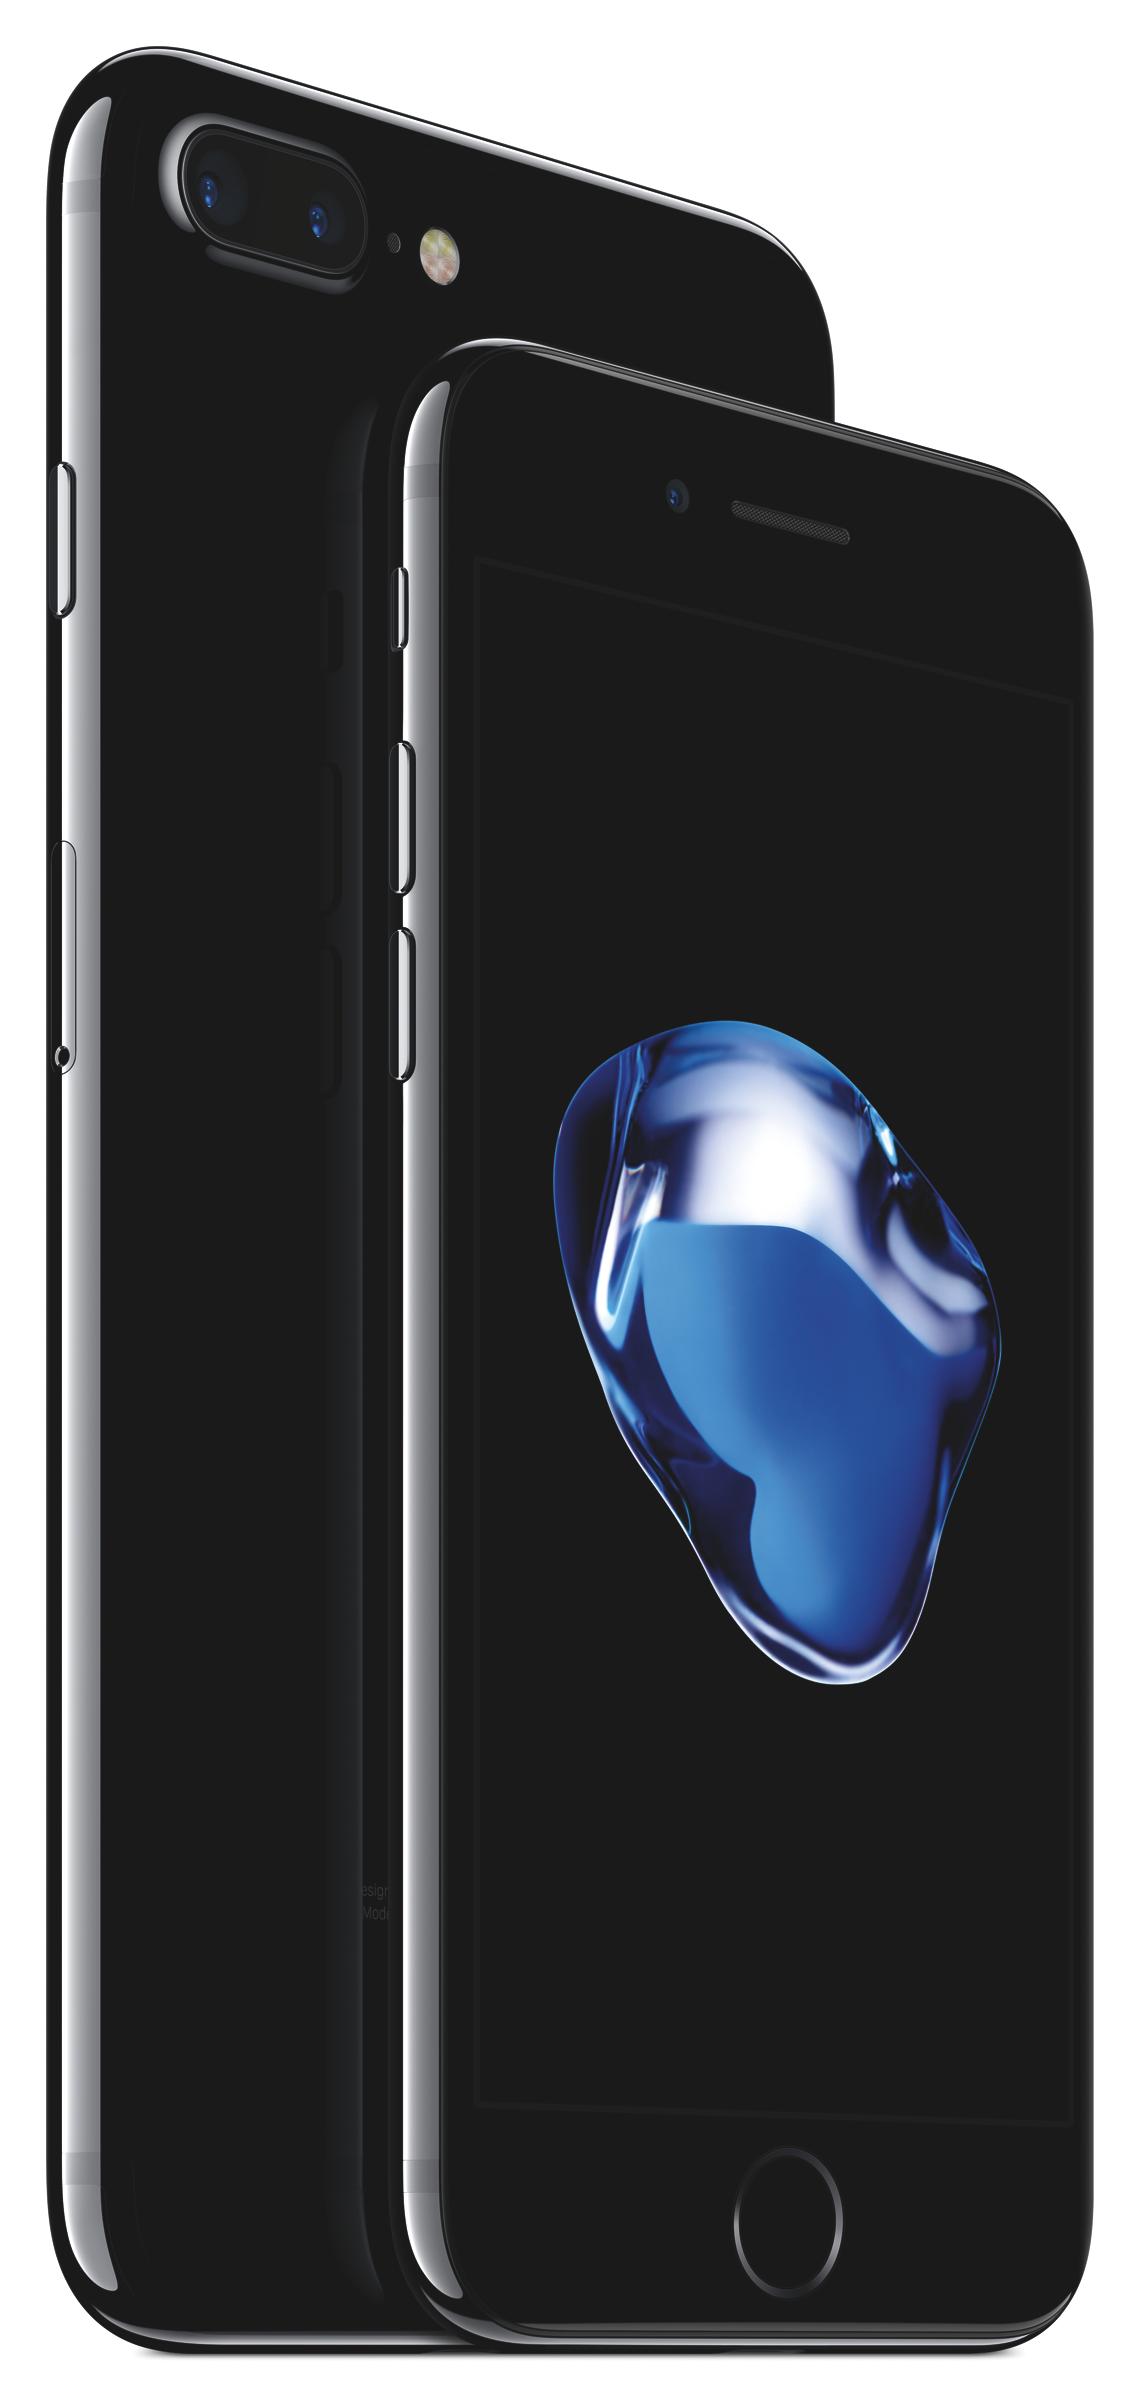 Apple presenta iPhone 7 e 7 Plus, con SoC A10 Fusion e nuovo comparto fotografico